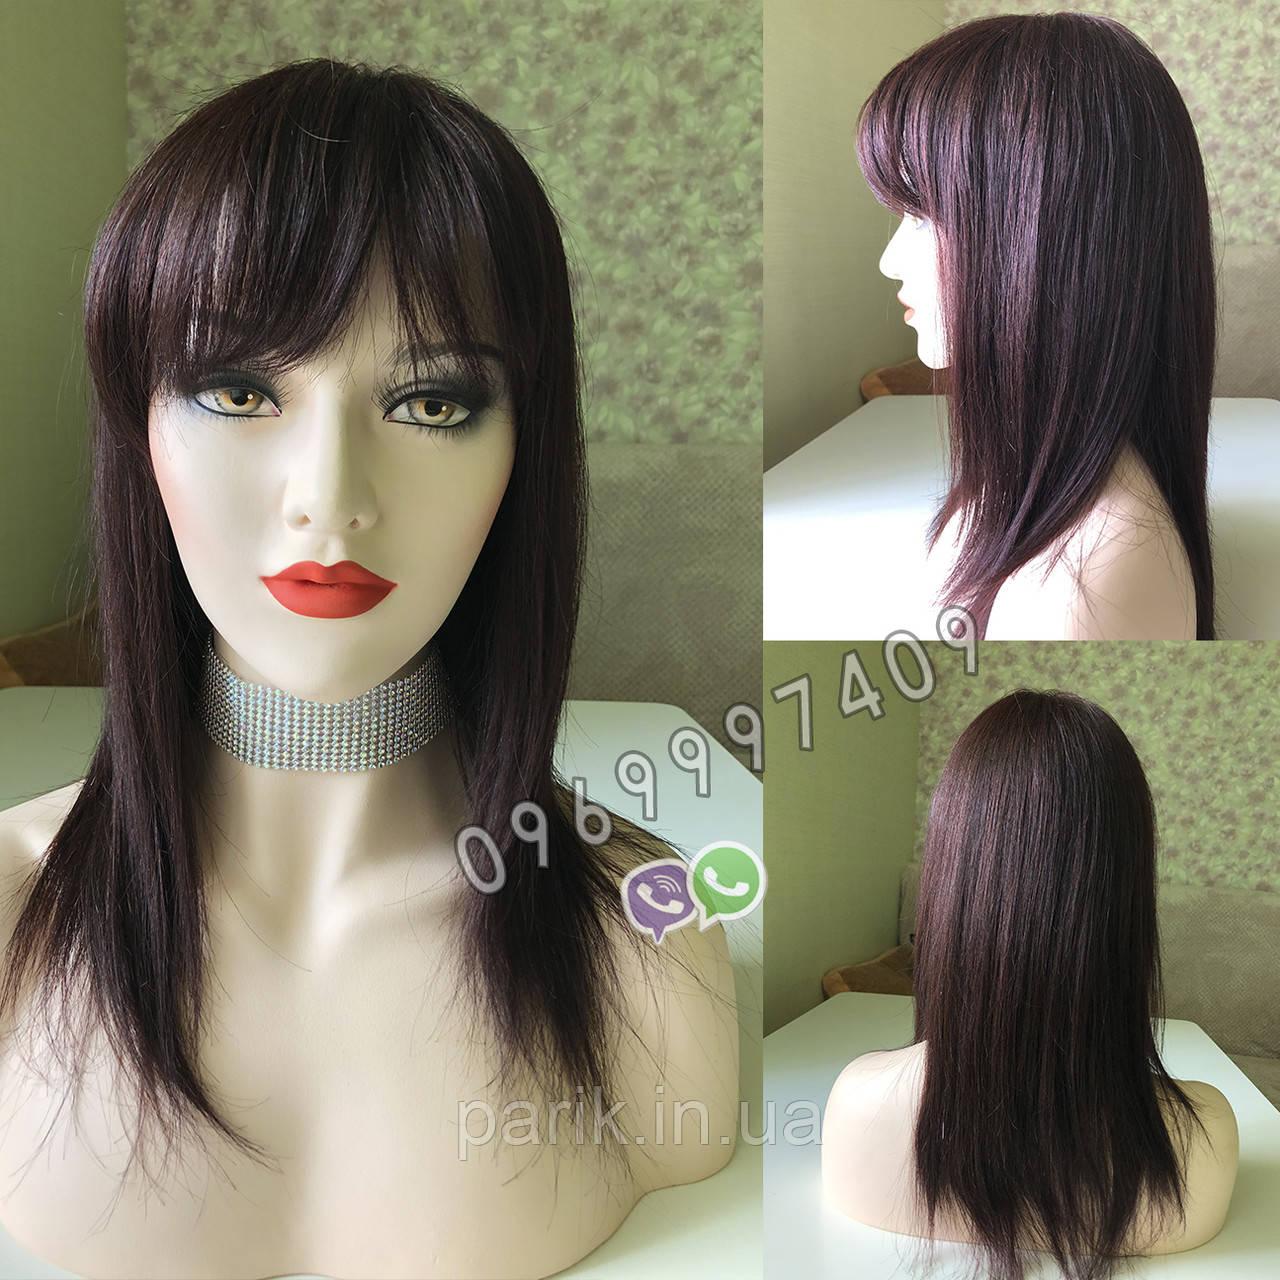 💎Натуральный женский парик баклажановый с чёлкой, натуральный волос 💎